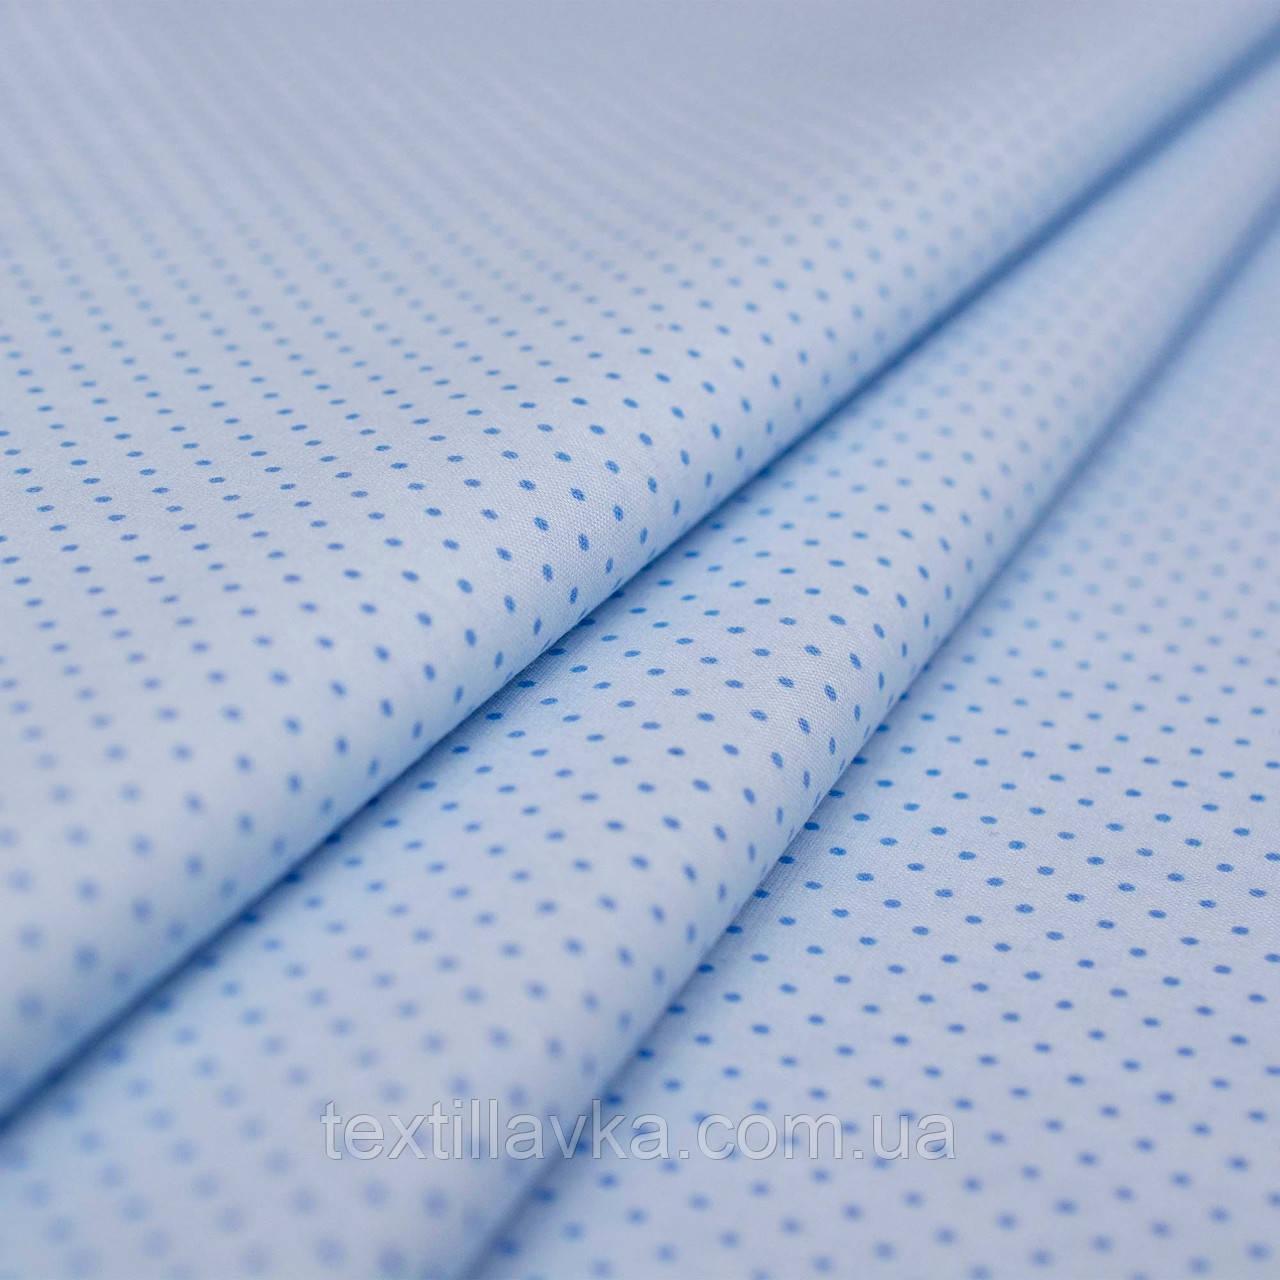 Ткань хлопок мелкий горошек на голубом 2мм